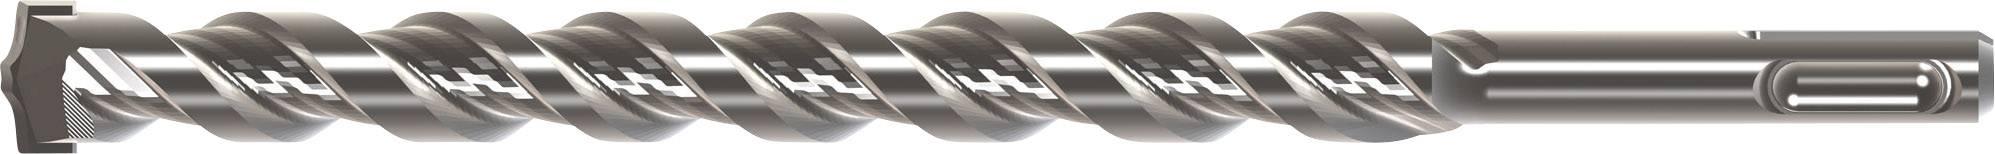 Příklepový vrták SDS Plus Heller Bionic, Ø 20 mm, celková délka 200 mm